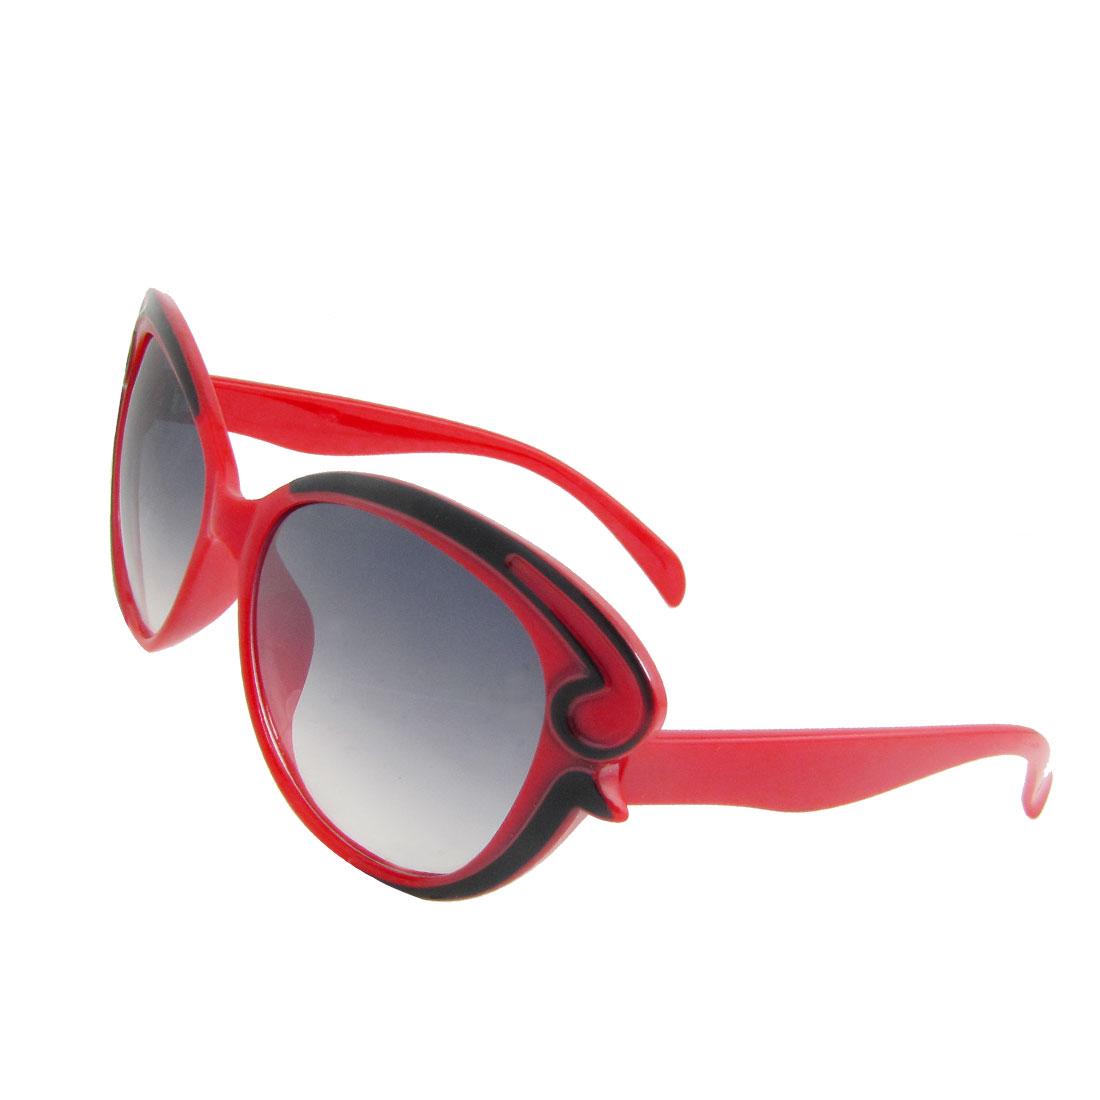 Red Plastic Full Frame Oversized Dark Lens Sunglasses Spectacles for Lady